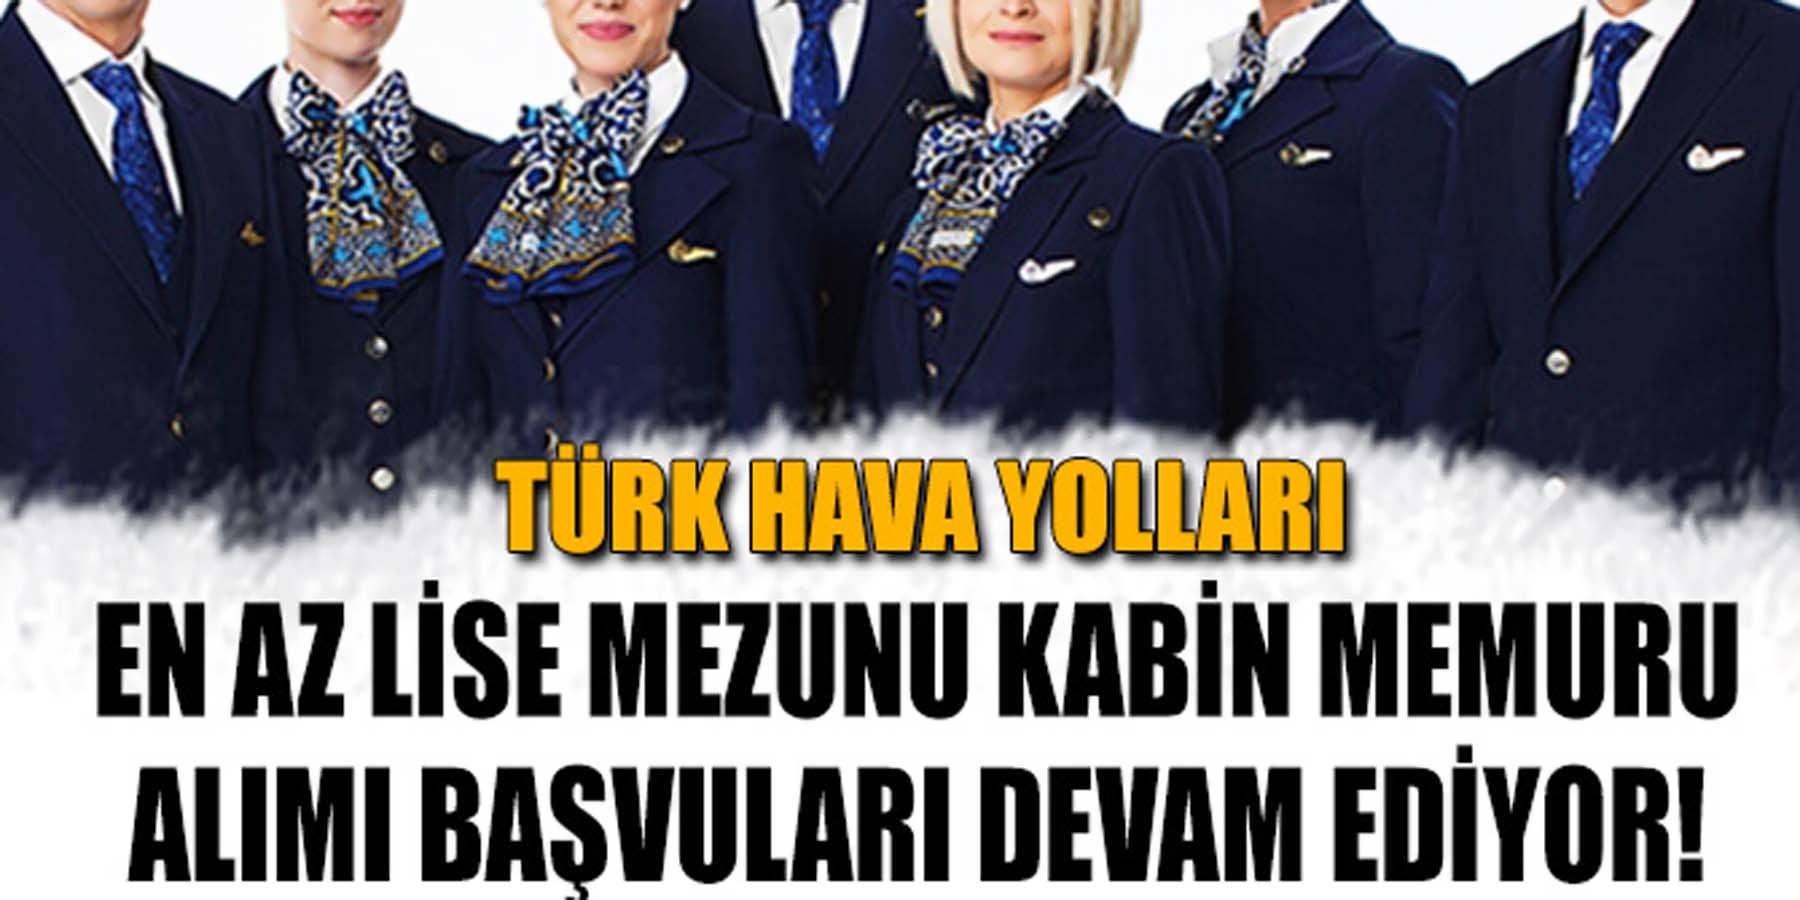 Türk Hava Yolları KPSS Şartsız Kabin Memuru Alımı Devam Ediyor